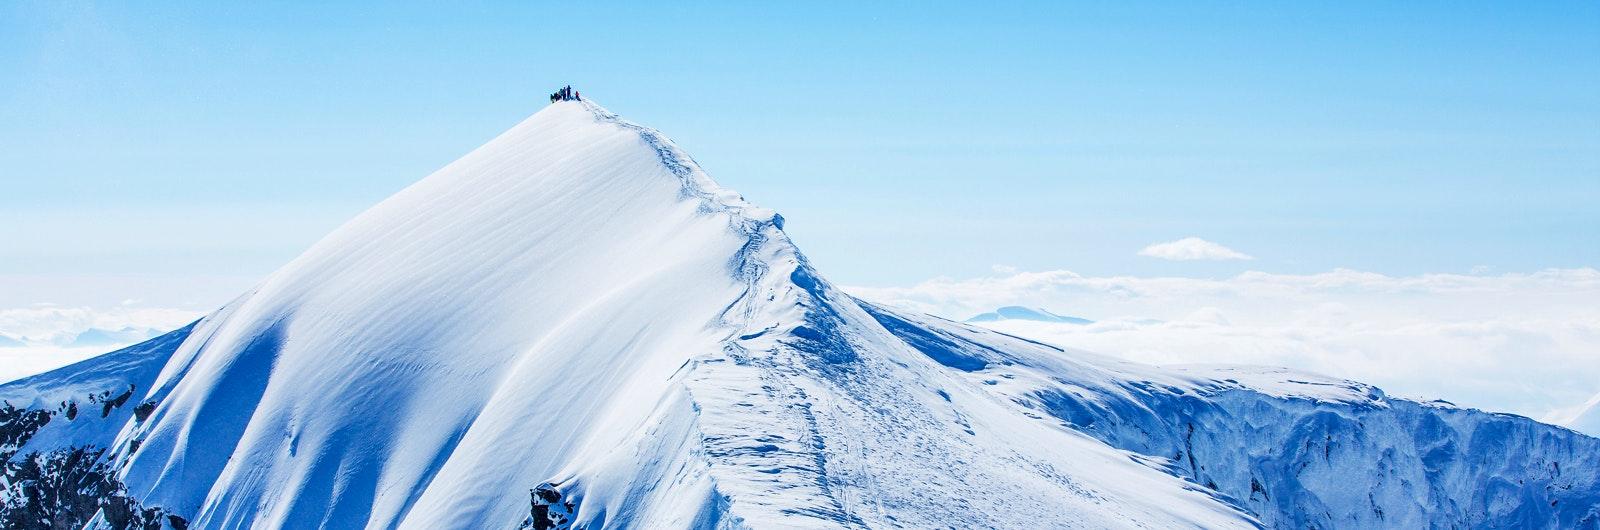 Sveriges högsta berg